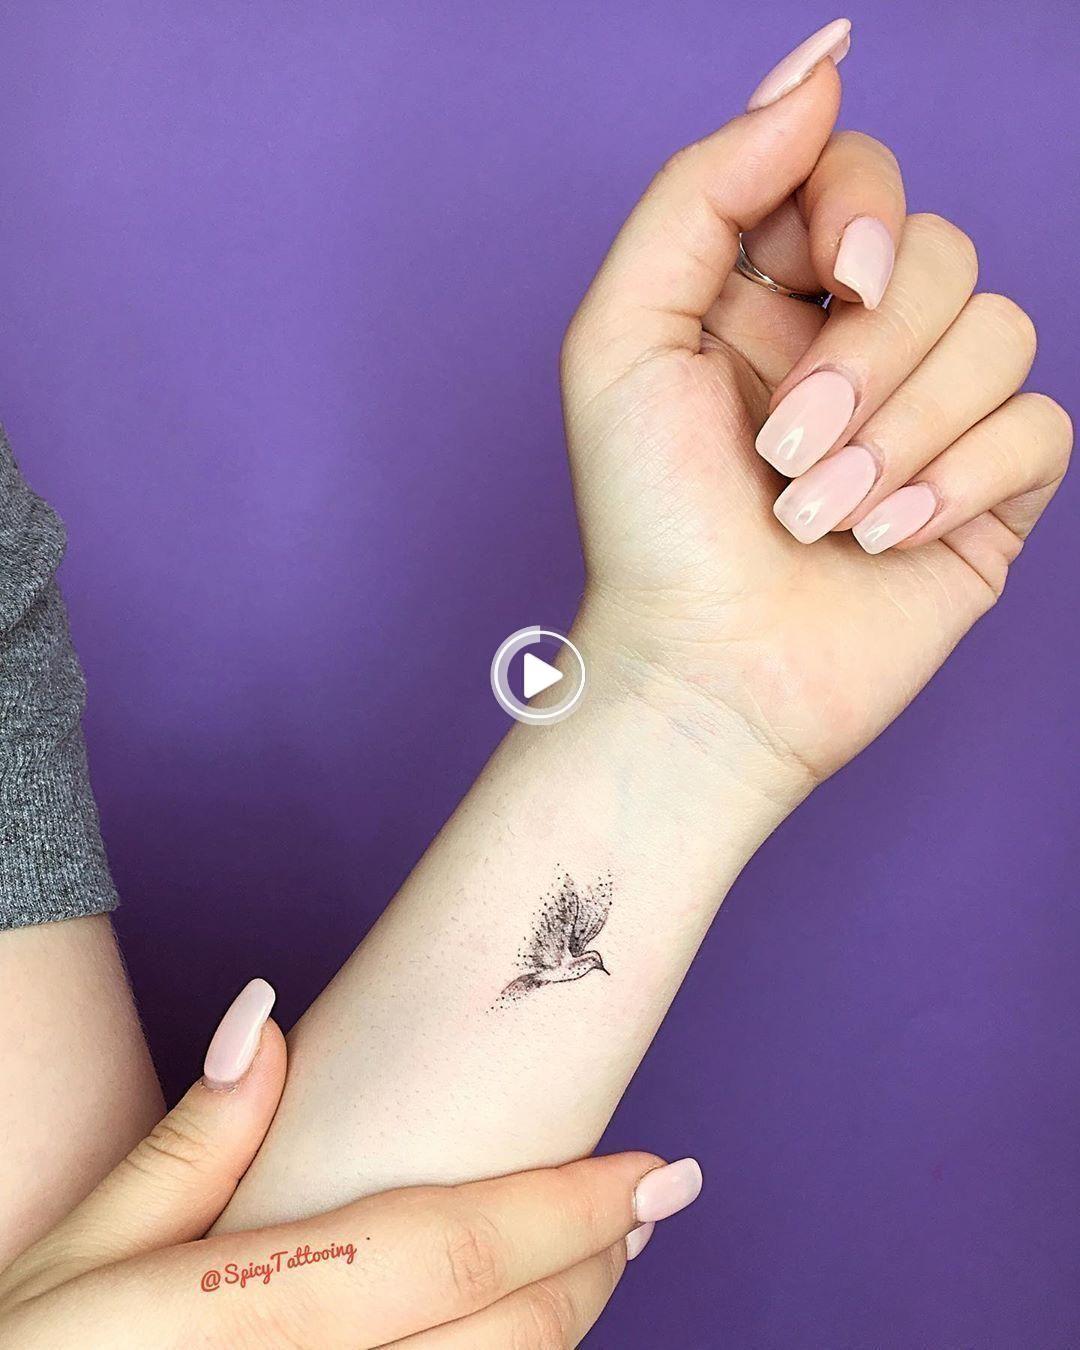 55 Tatuajes Pequeños Y Elegantes En La Muñeca Que Son Mejores Que Un Brazalete Tatuajes Delicados Femeninos Tatuajes Elegantes Tatuajes Delicados